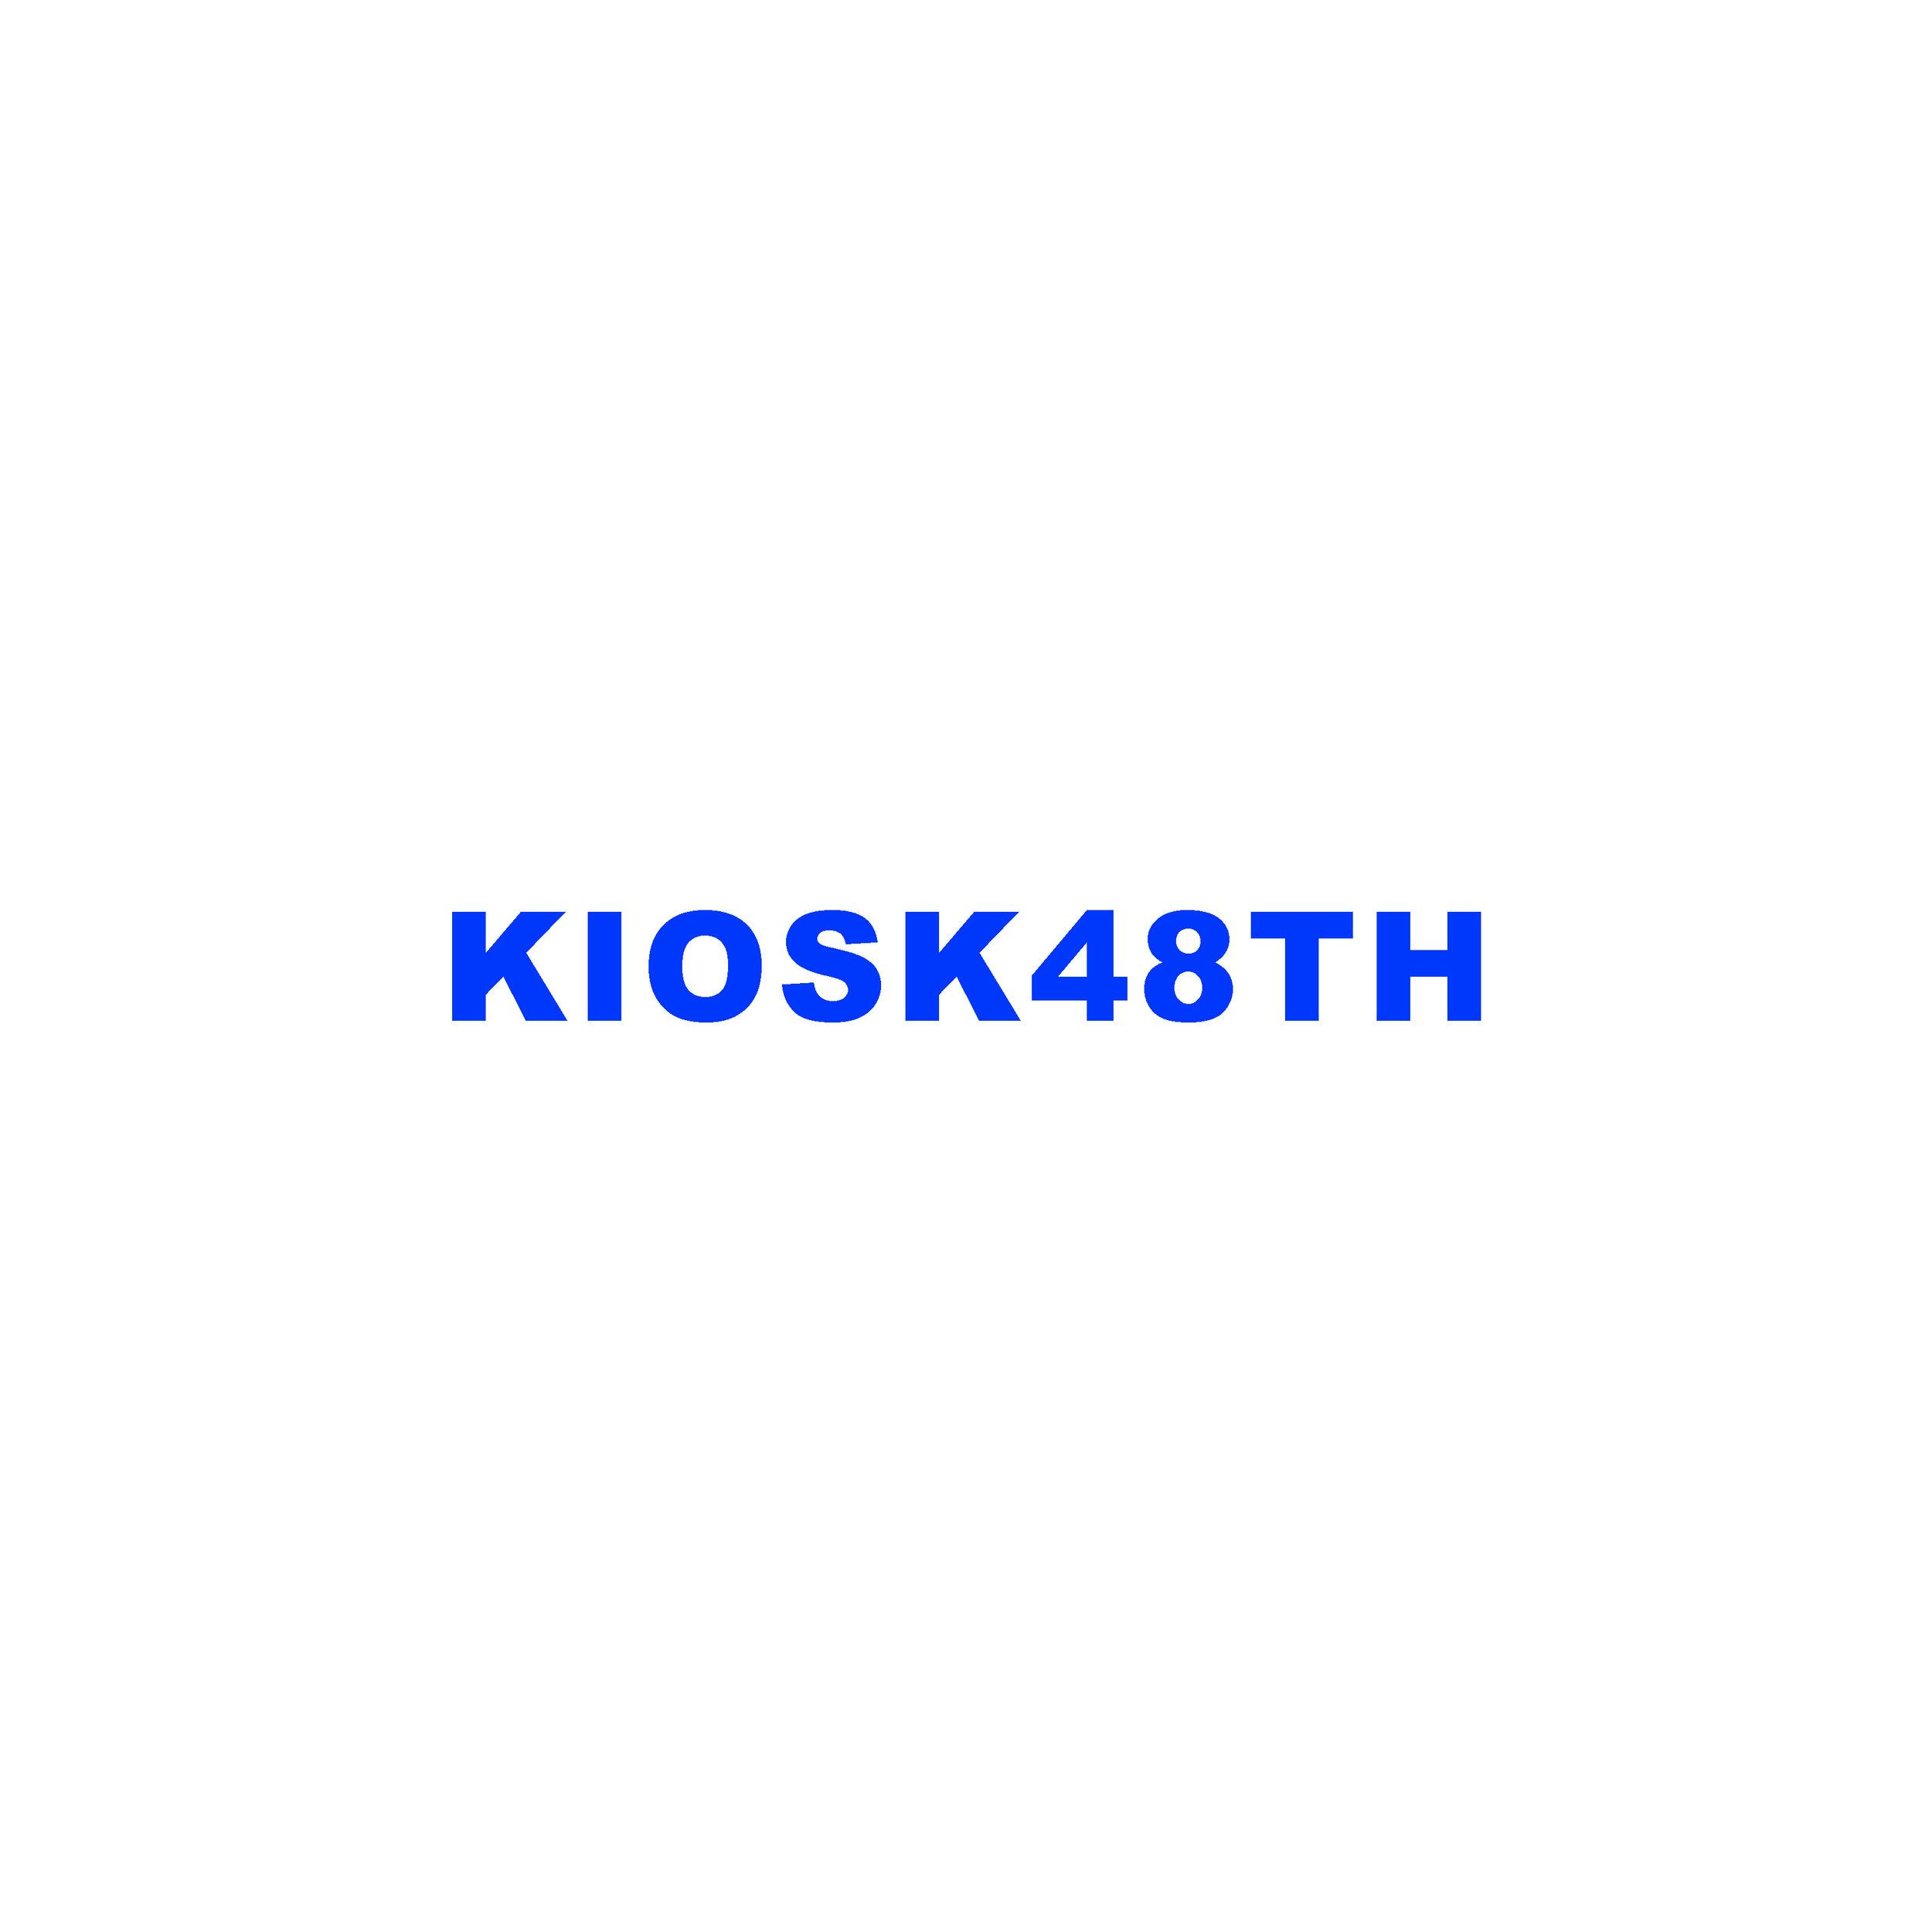 KIOSK48TH_logo2.jpg